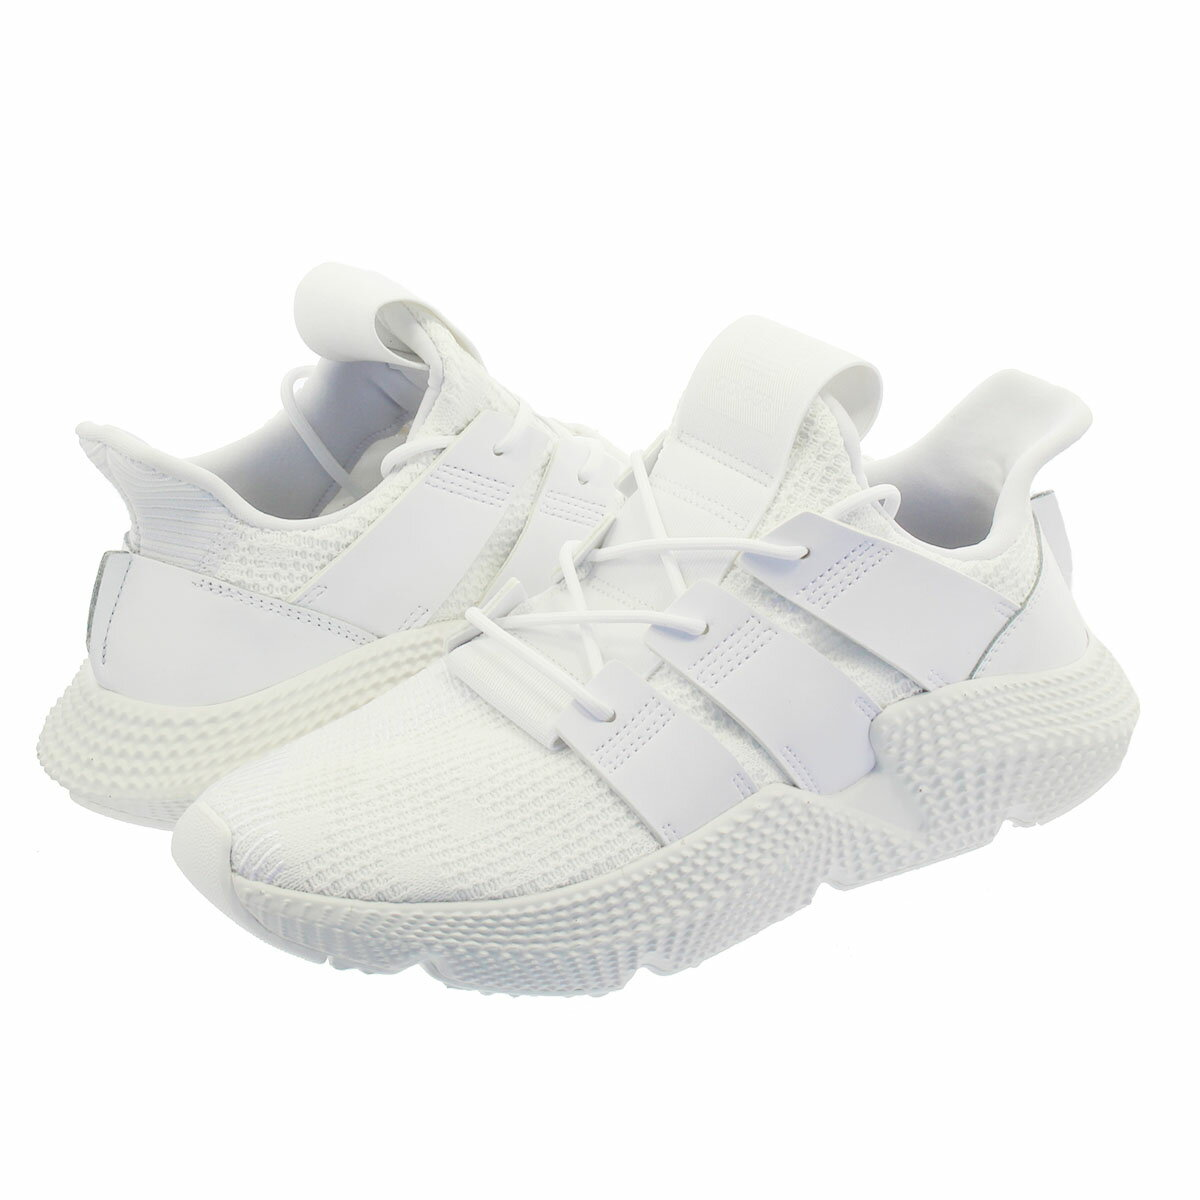 メンズ靴, スニーカー adidas PROPHERE RUNNING WHITERUNNING WHITECORE BLACK db2705